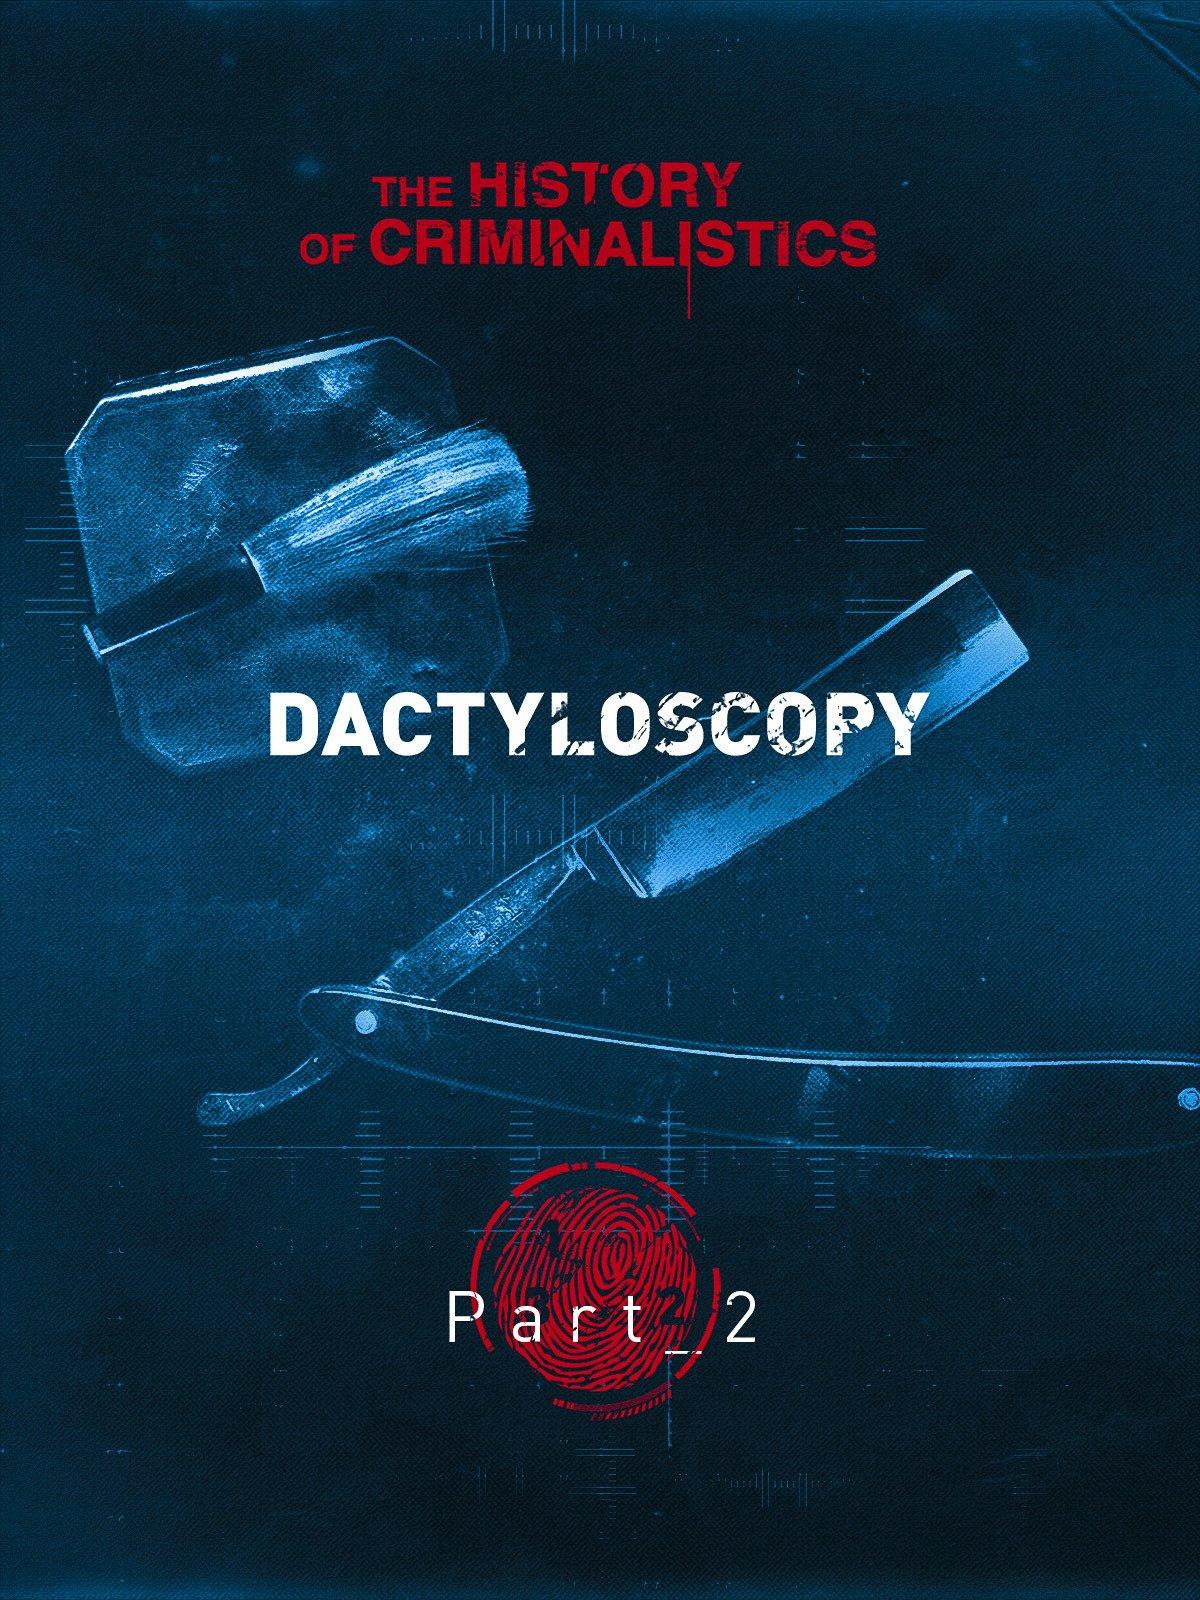 The History of Criminalistics. Dactyloscopy